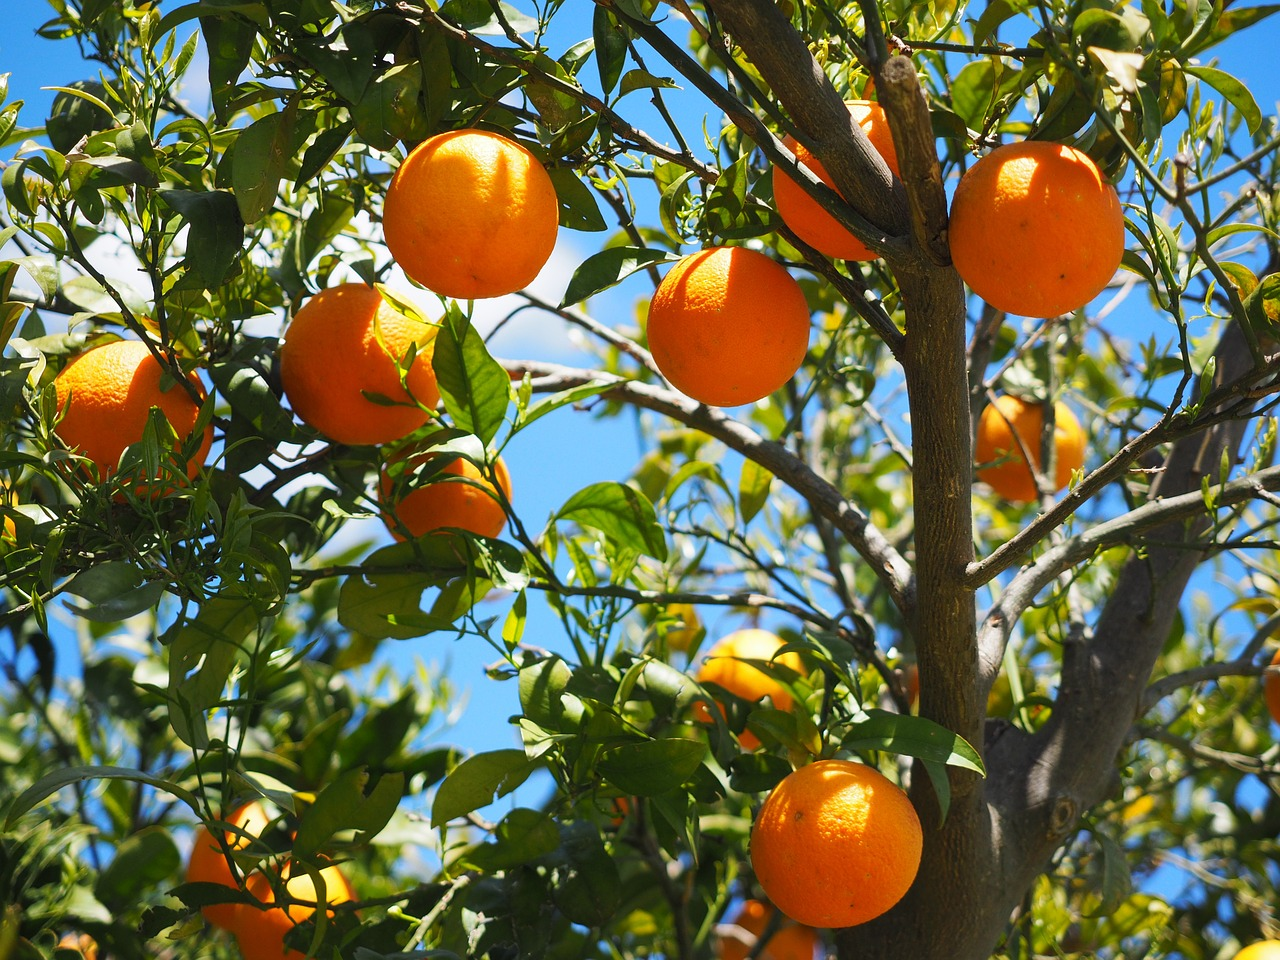 Η πορτοκαλιά (επιστ. Κιτρέα η σινική, Citrus × sinensis) είναι αγγειόσπερμο, δικότυλο, αειθαλές φυτό, που ανήκει στην τάξη των Σαπινδωδών και στην οικογένεια των Ρουτιδών (Rutaceae), δηλαδή τωνΕσπεριδοειδών (Hesperidaceae